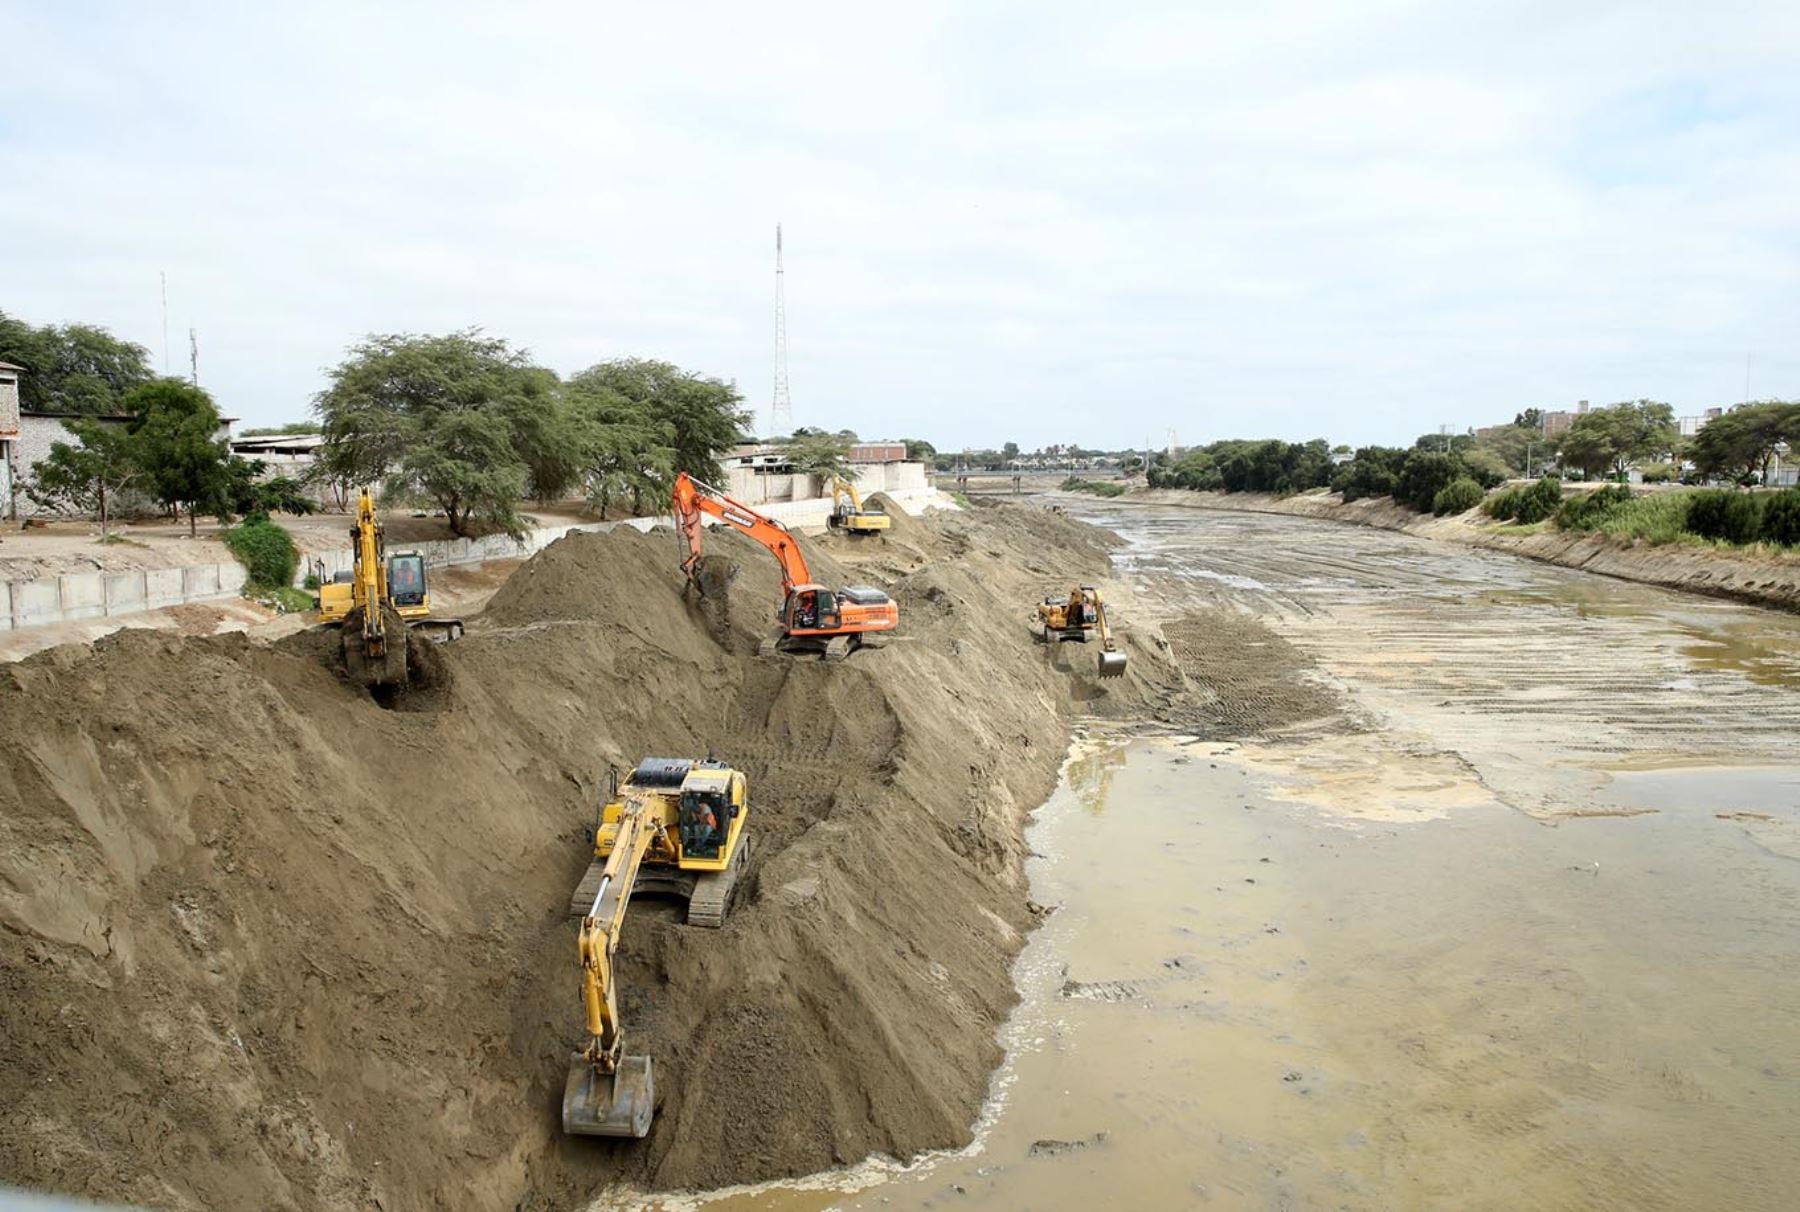 Reconstrucción con cambios: Contraloría identifica riesgos en descolmatación de dos tramos del río Piura